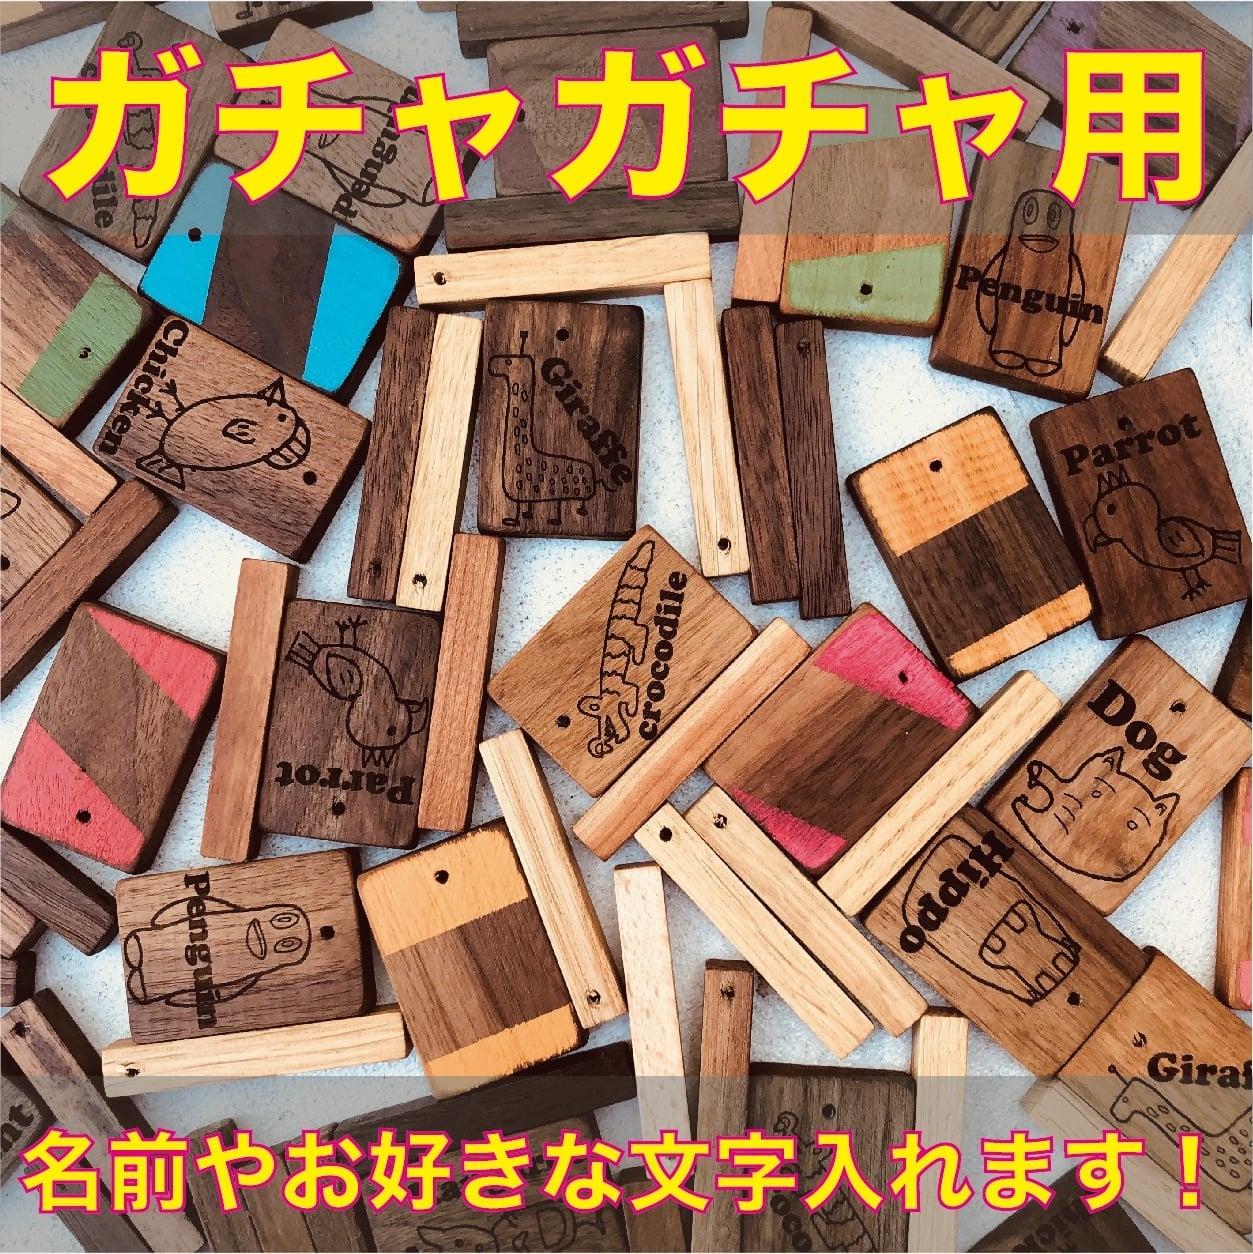 【送料無料】ガチャガチャ用 文字入れ ¥100のイメージその1